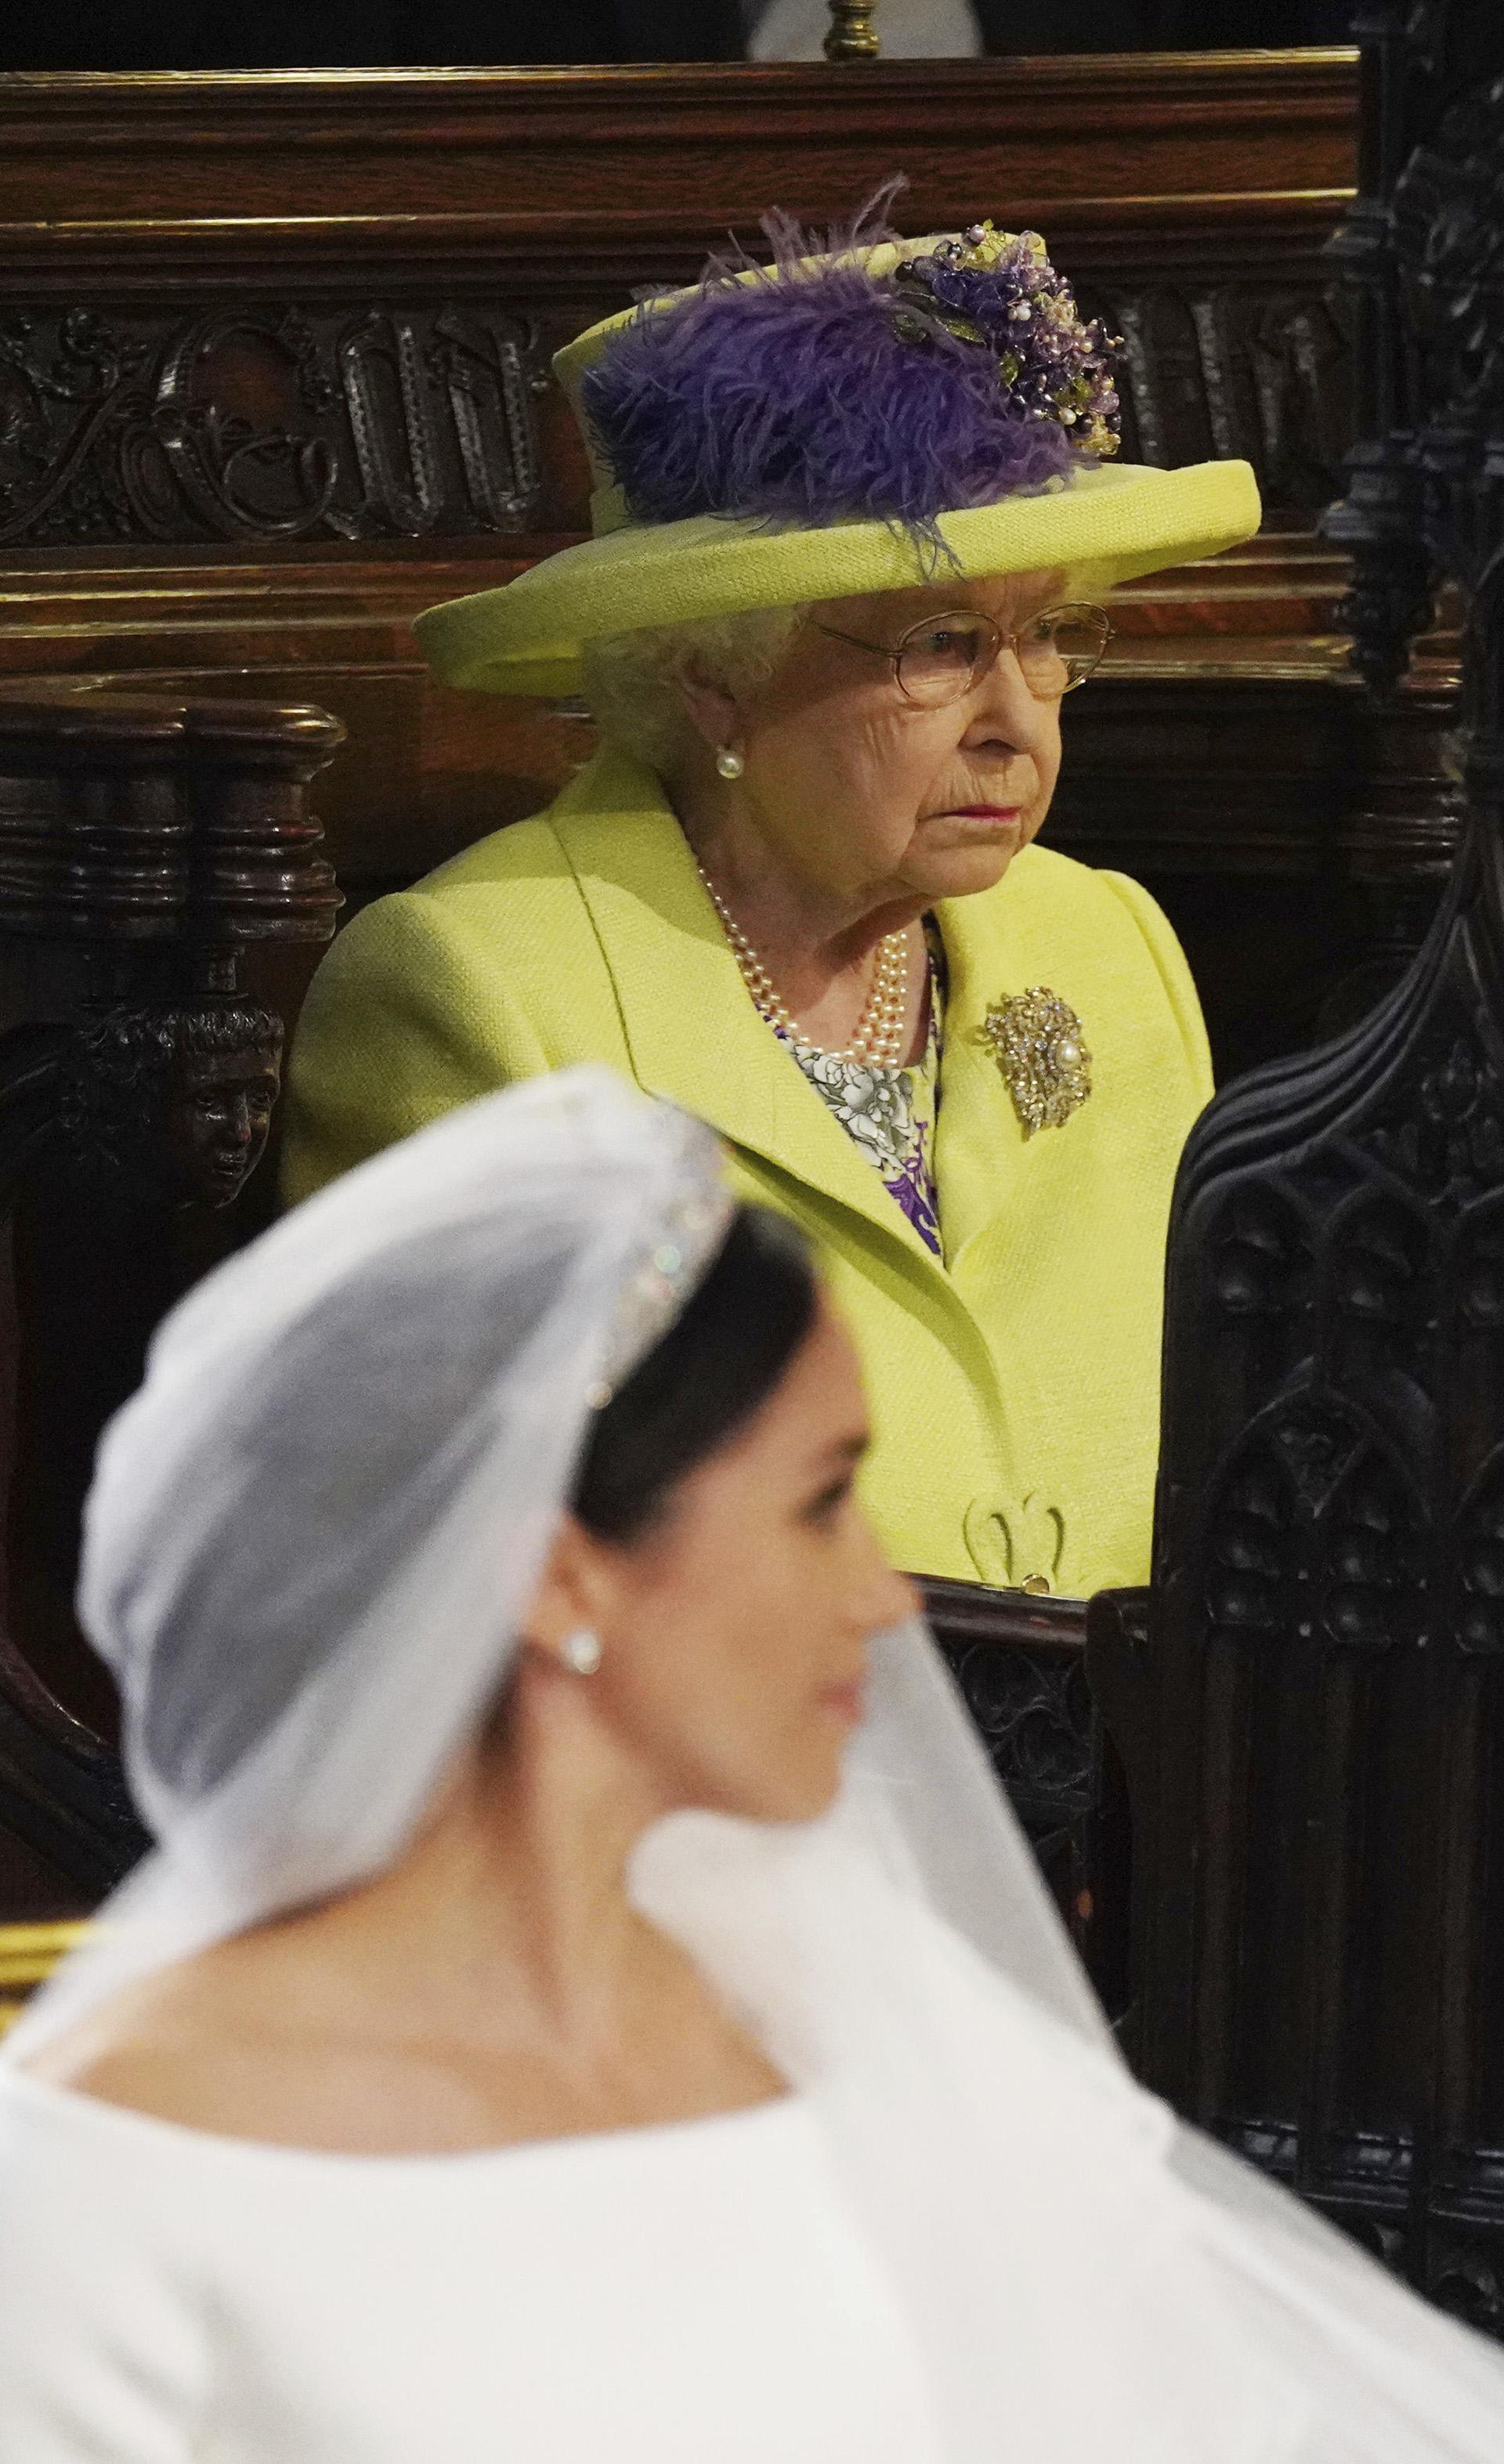 La reina llevó un traje verde manzana y un sombrero con plumas naturales en tono lila (AP)